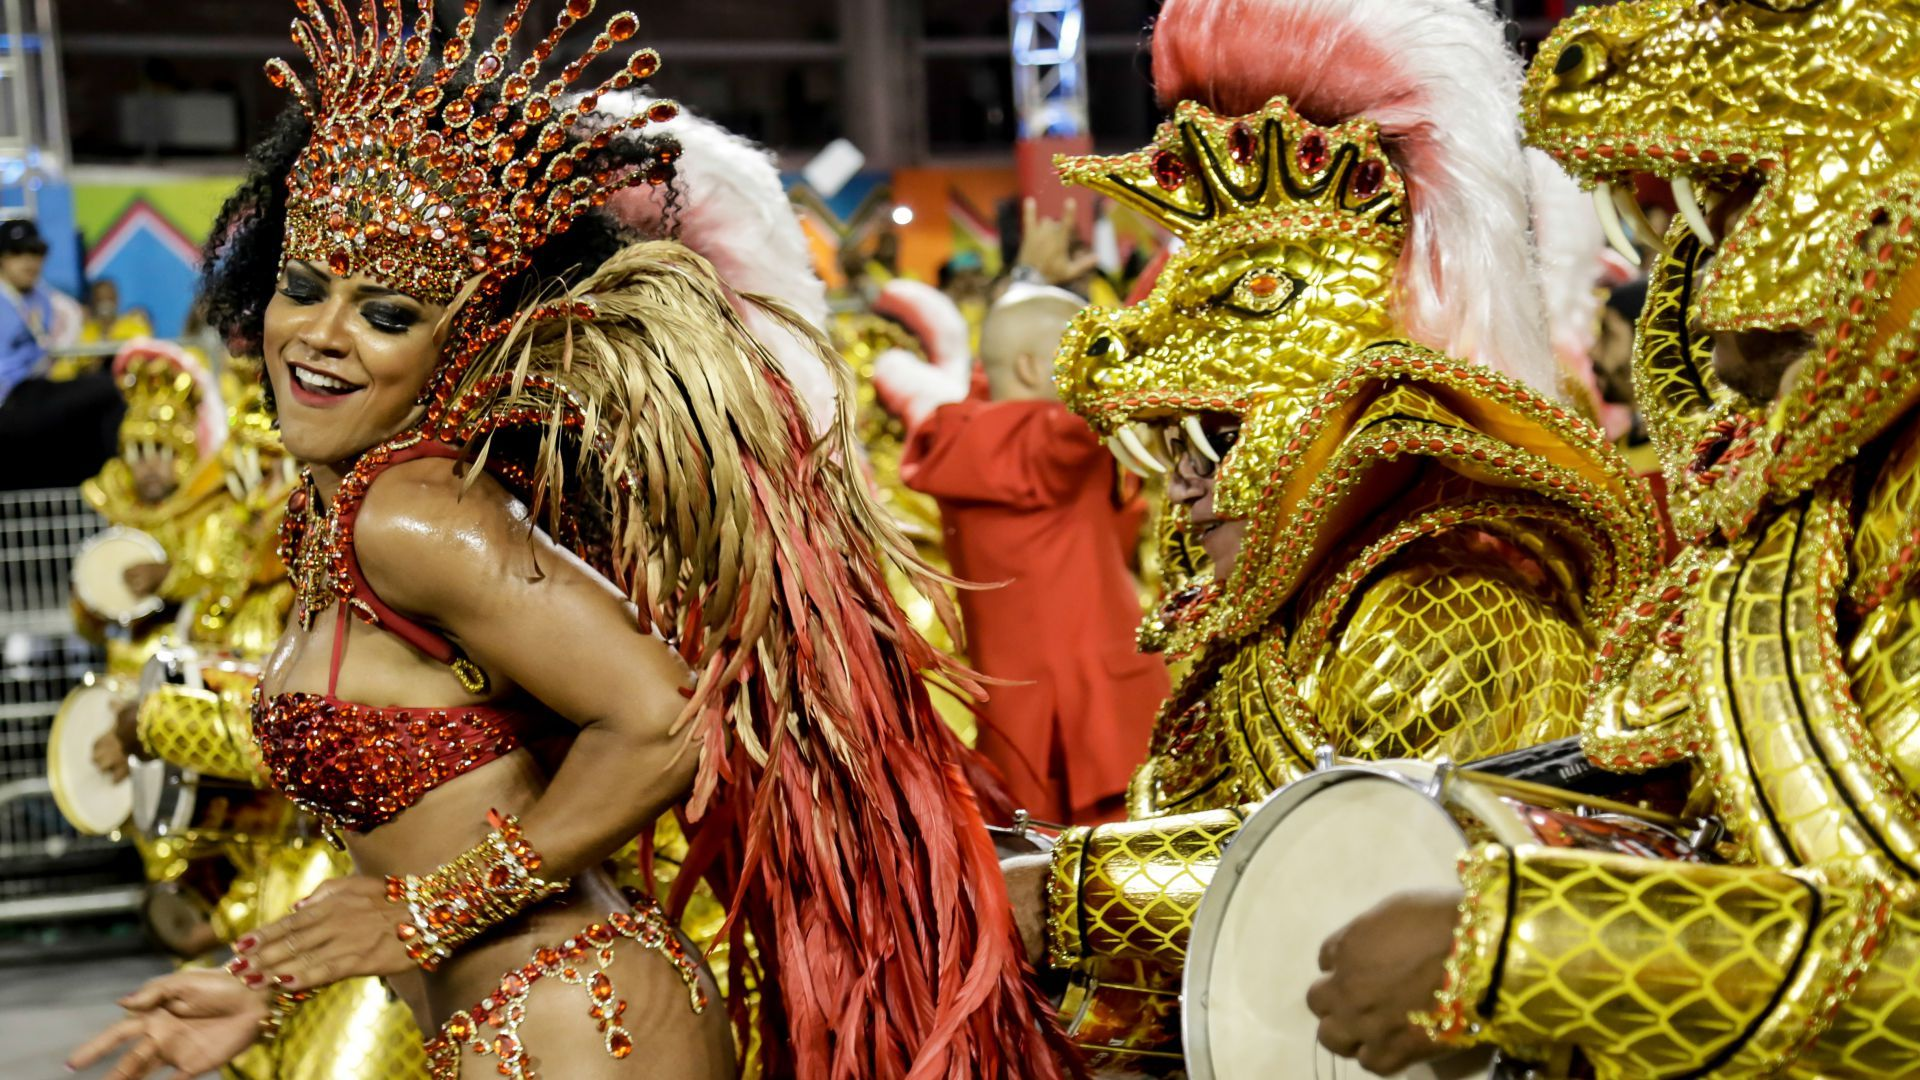 Картинки мужиков с карнавала